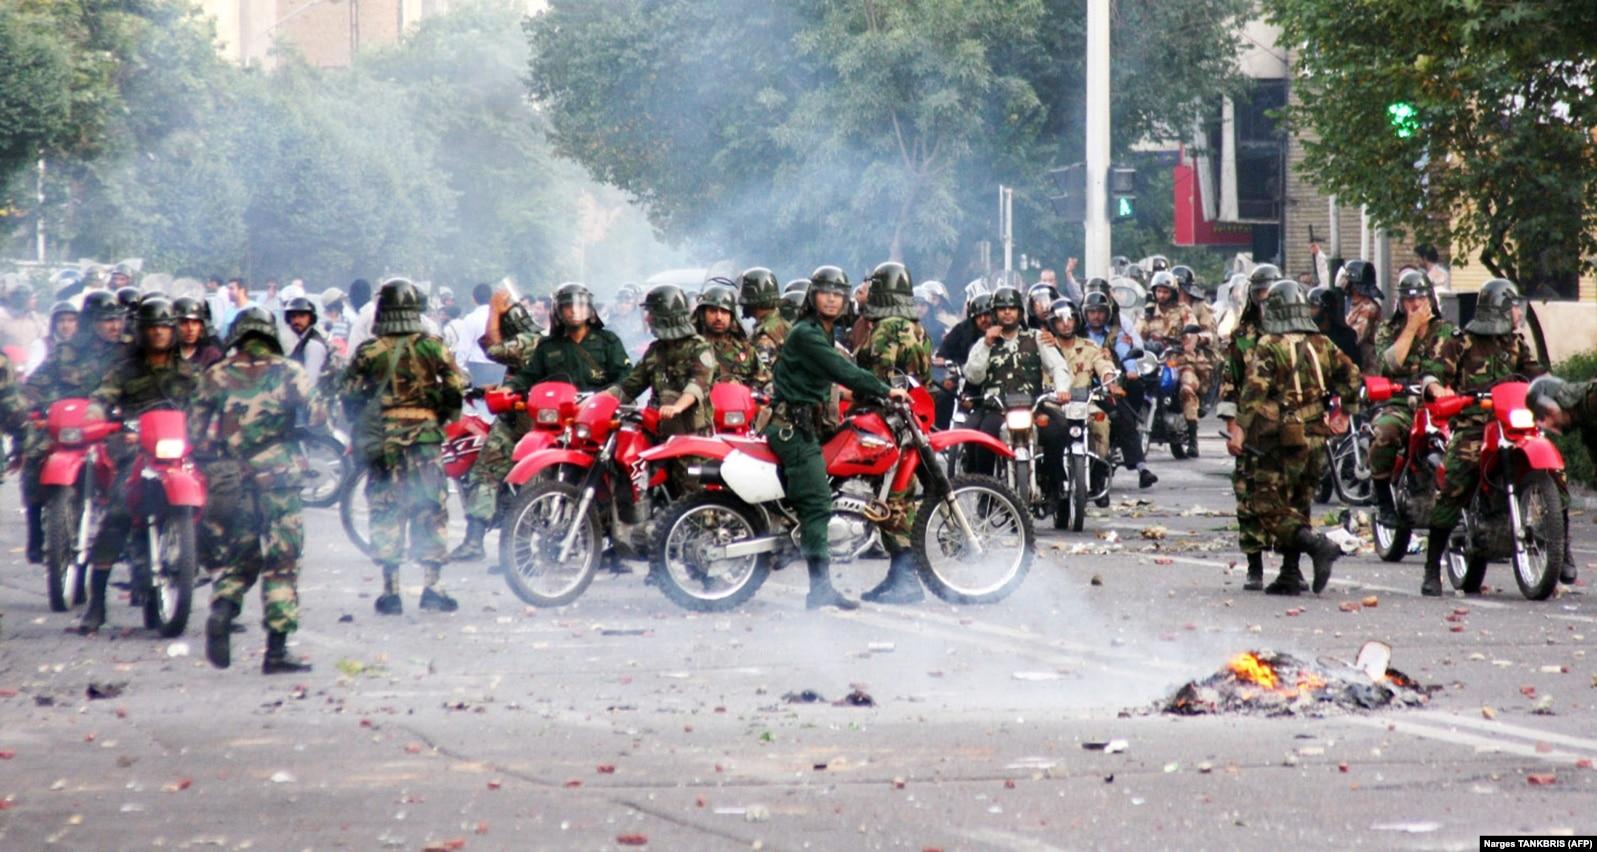 حضور یگانهای ویژه موتورسوار برای سرکوب معترضان ۸۸ در تهران